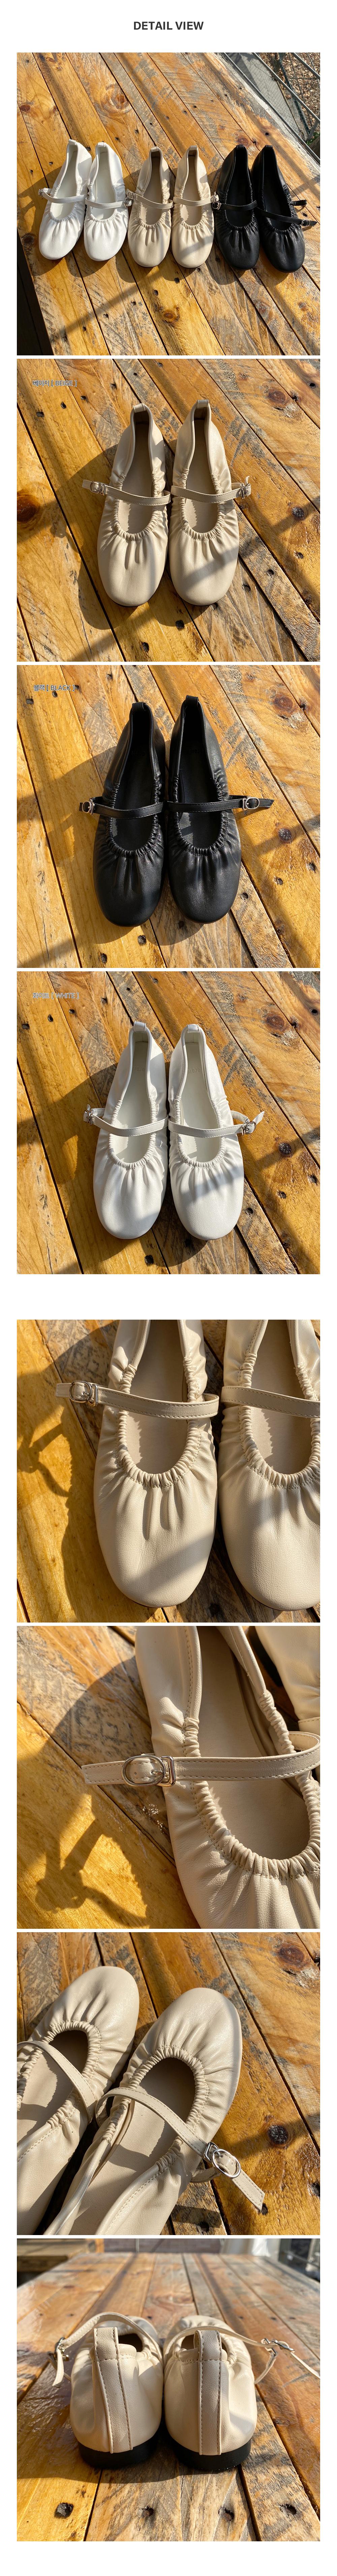 2397 shoes